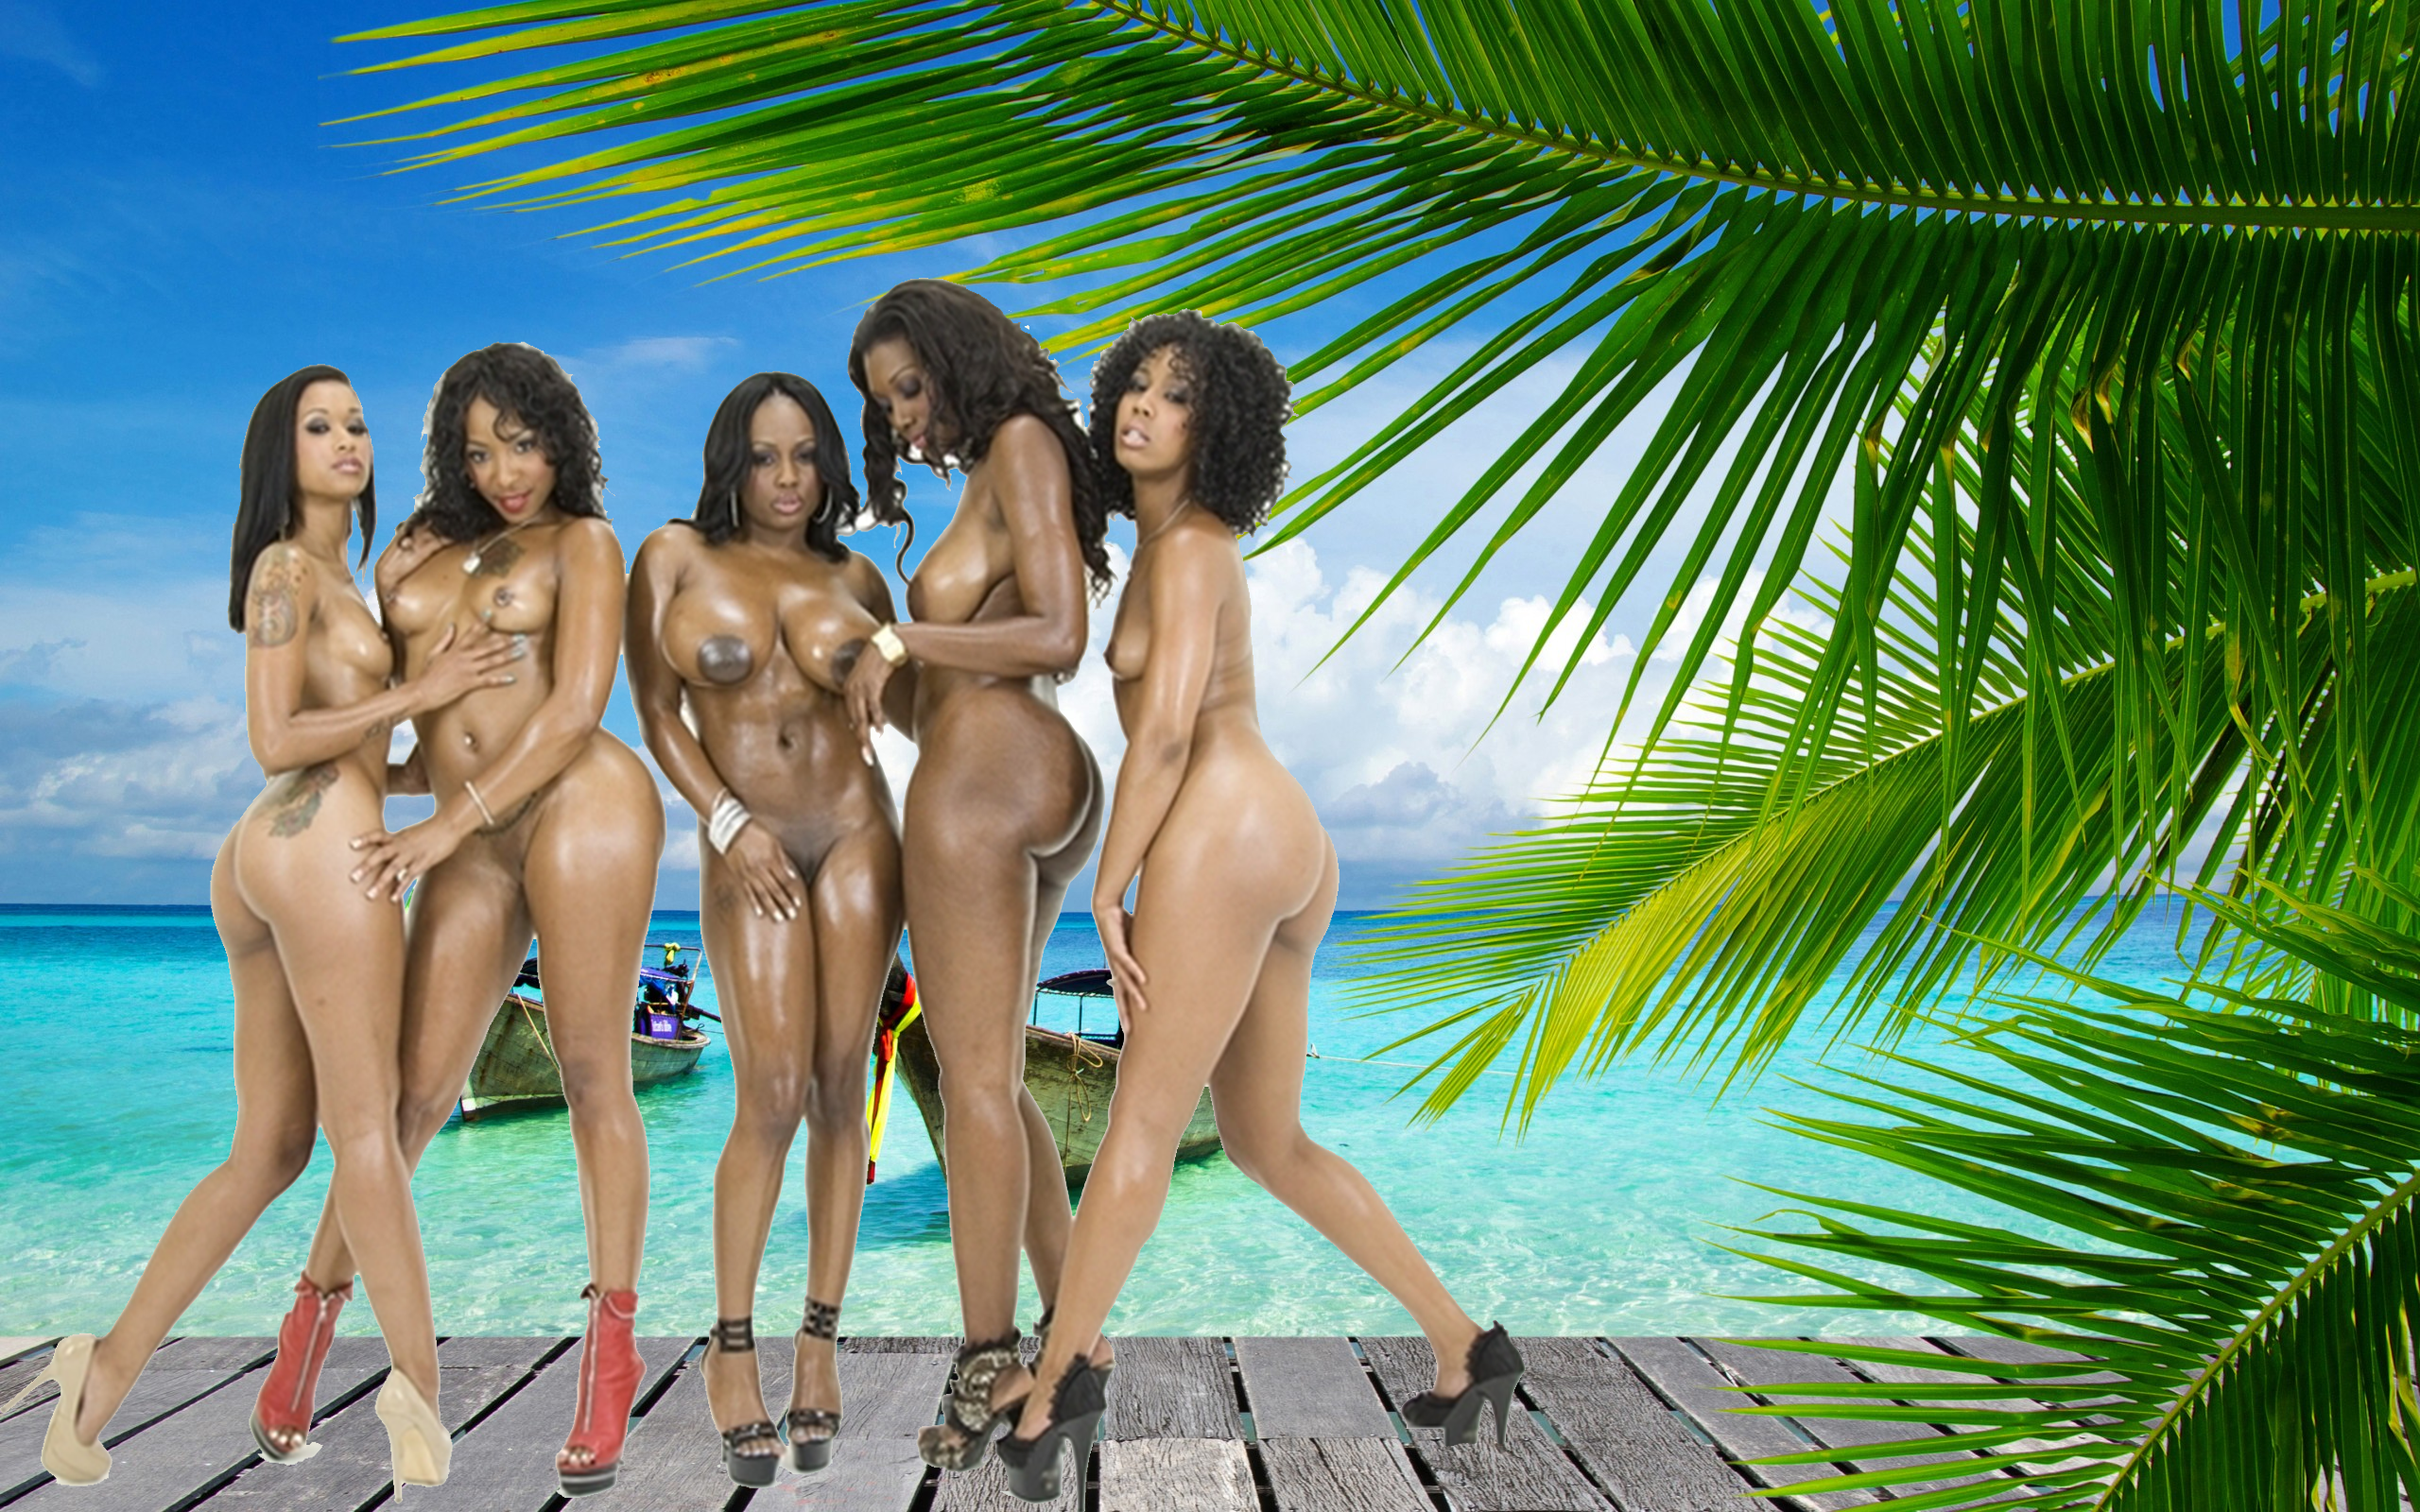 Wallpaper Ebony, Beach, Five, Big Tits, Tits, Boobs, Wet -9766